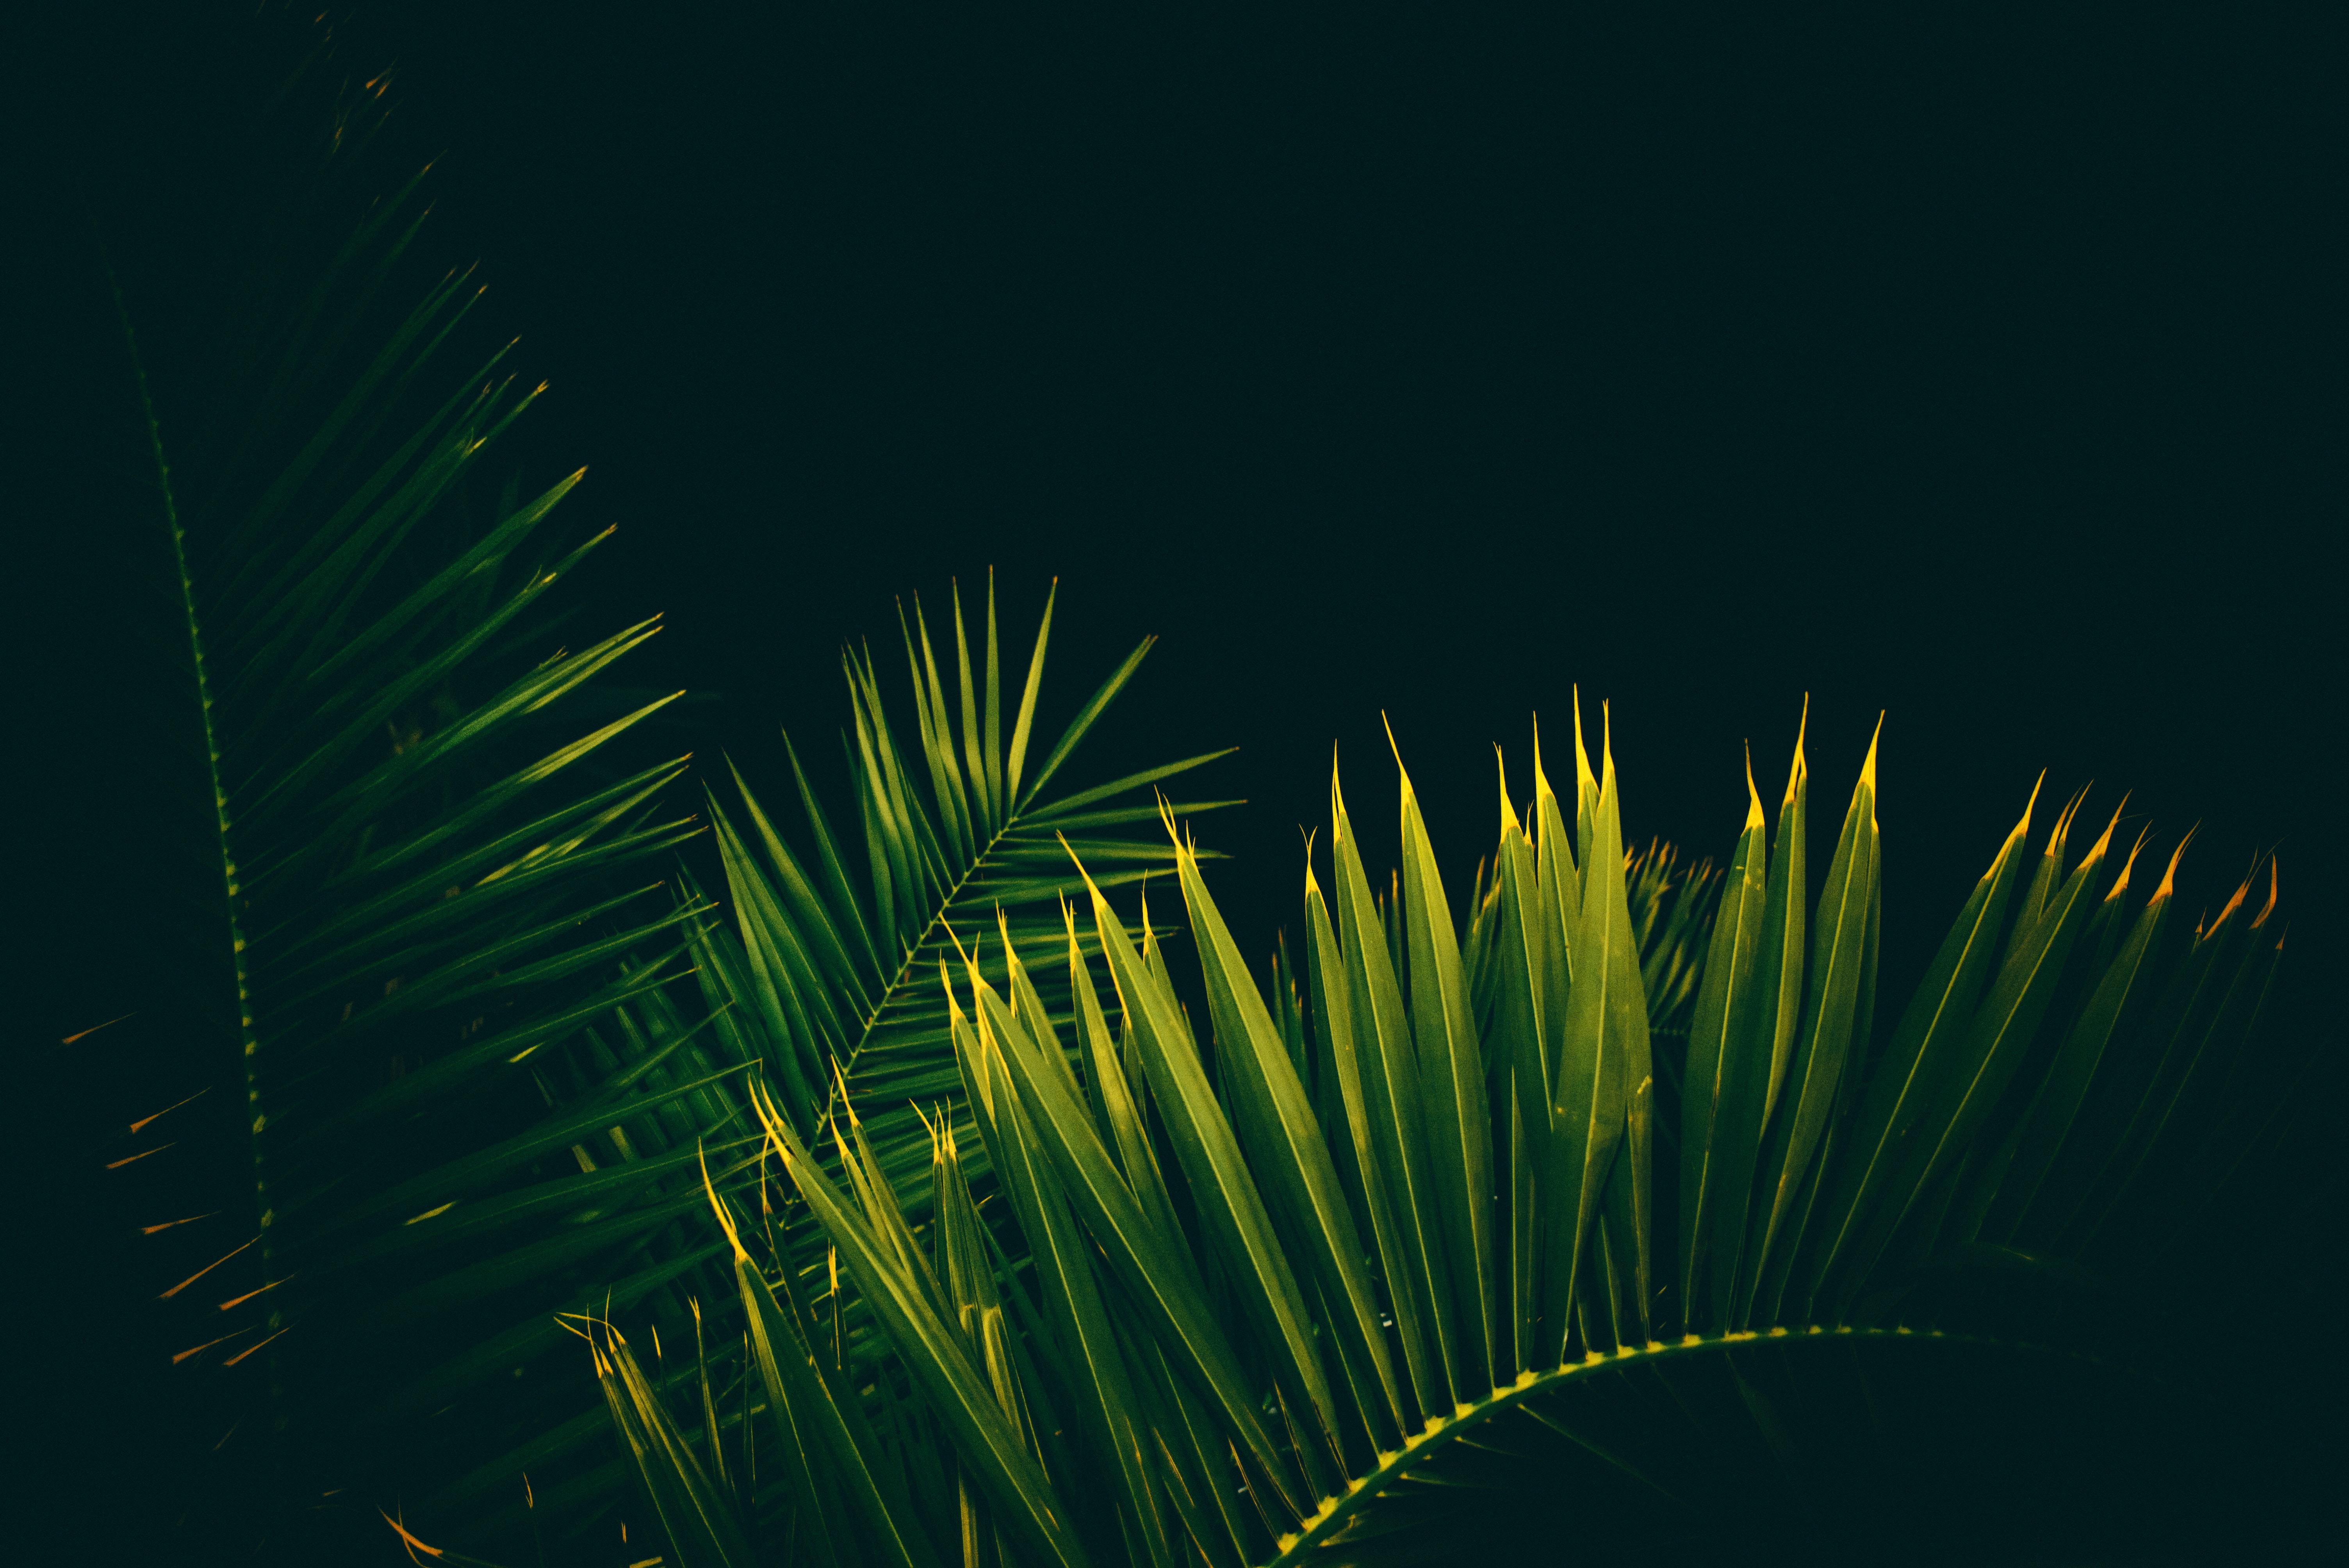 155408 скачать обои Темные, Листья, Ветки, Черный Фон, Пальмы - заставки и картинки бесплатно